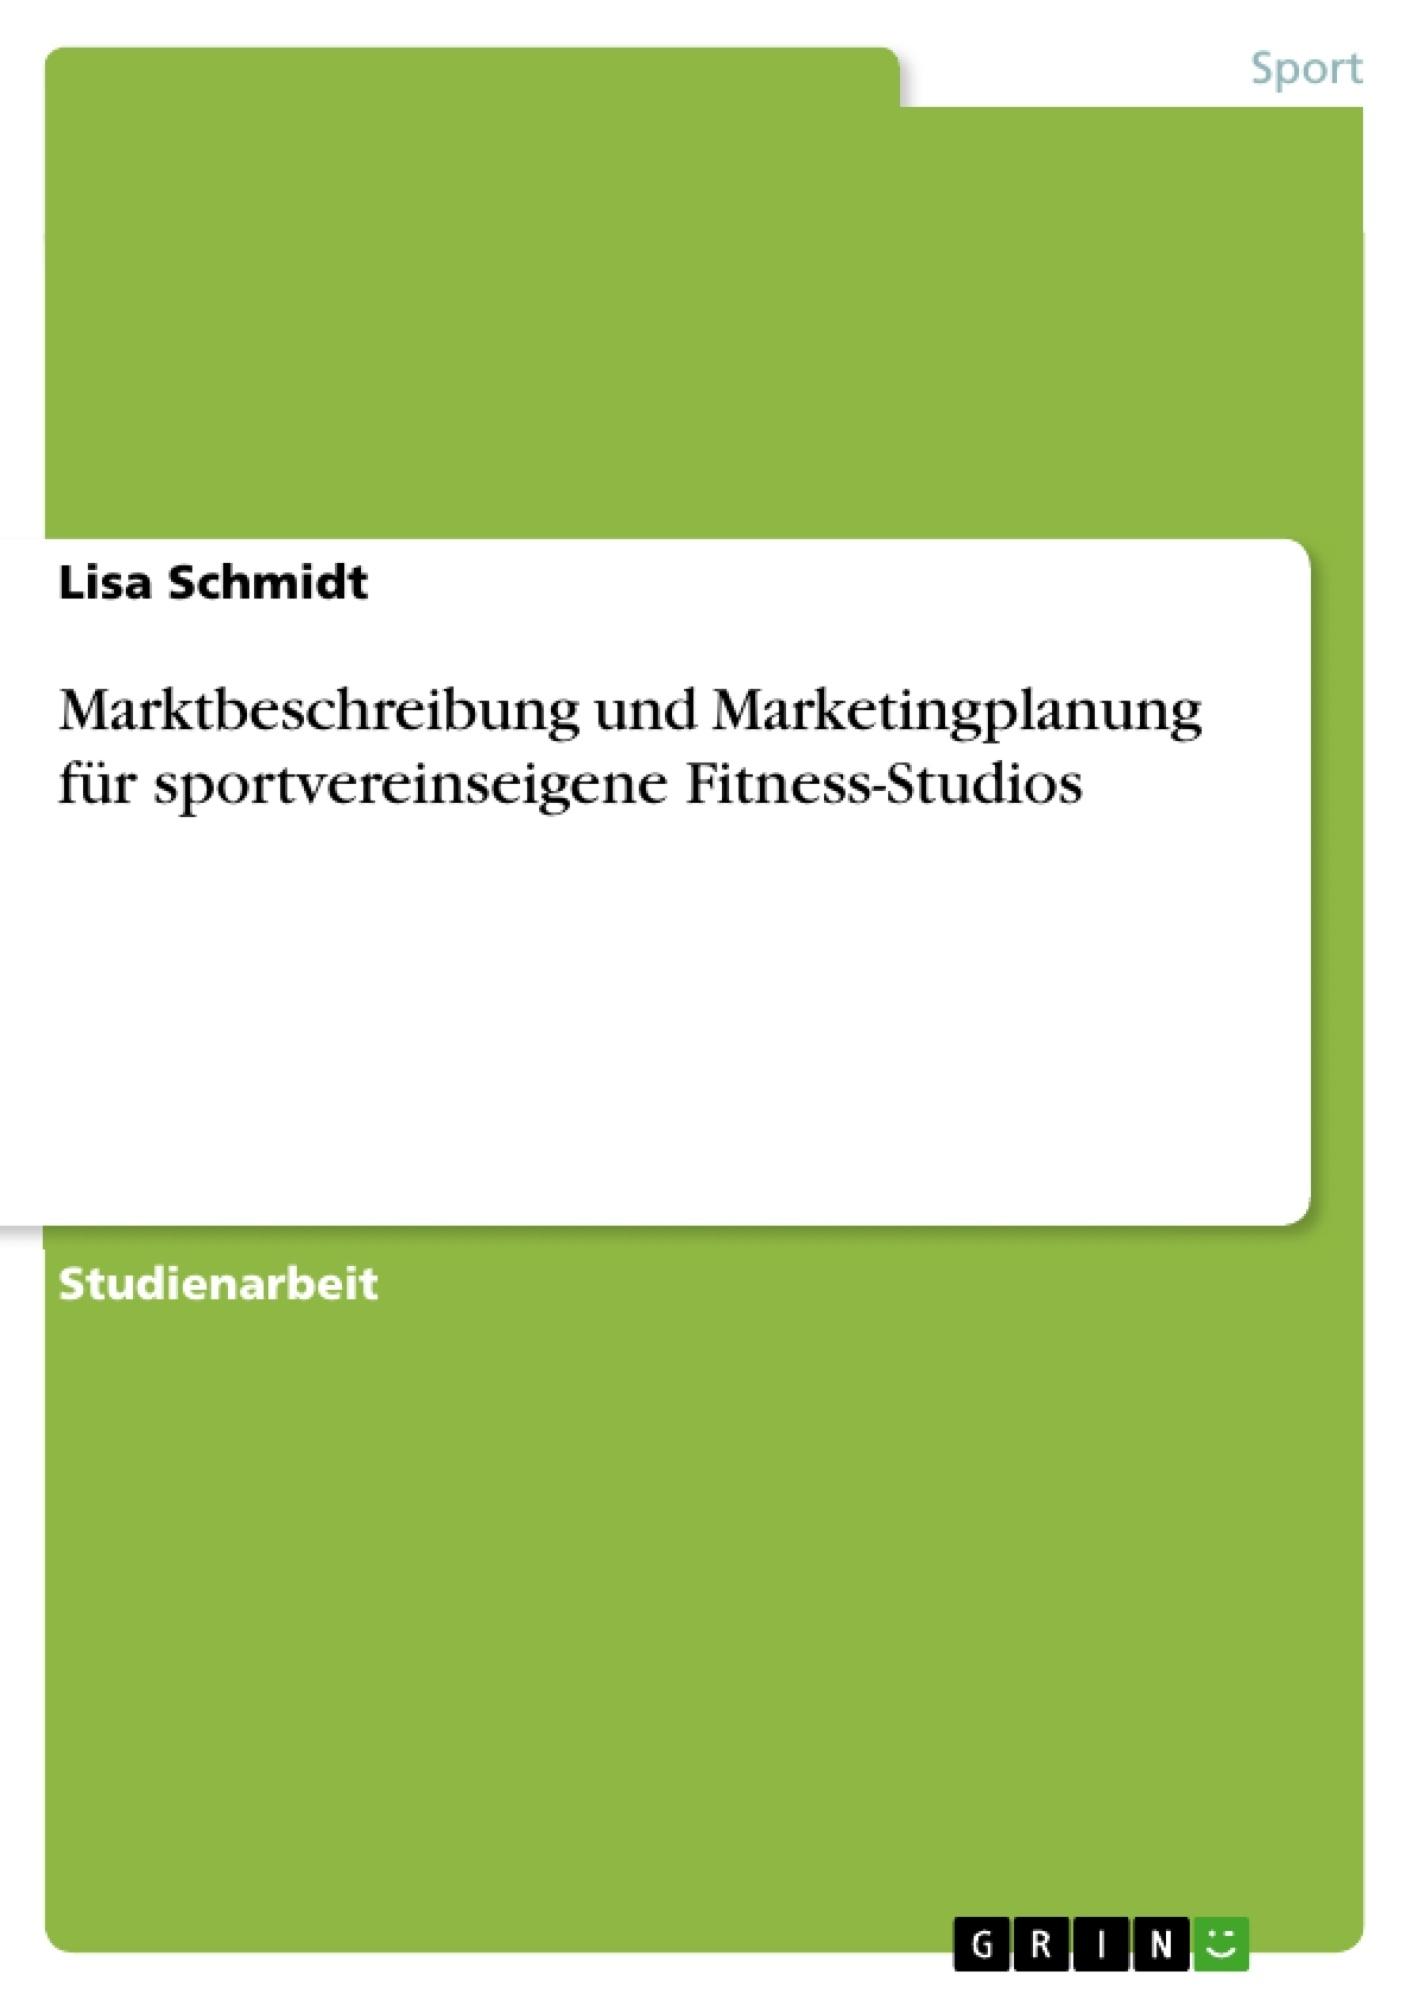 Titel: Marktbeschreibung und Marketingplanung für sportvereinseigene Fitness-Studios